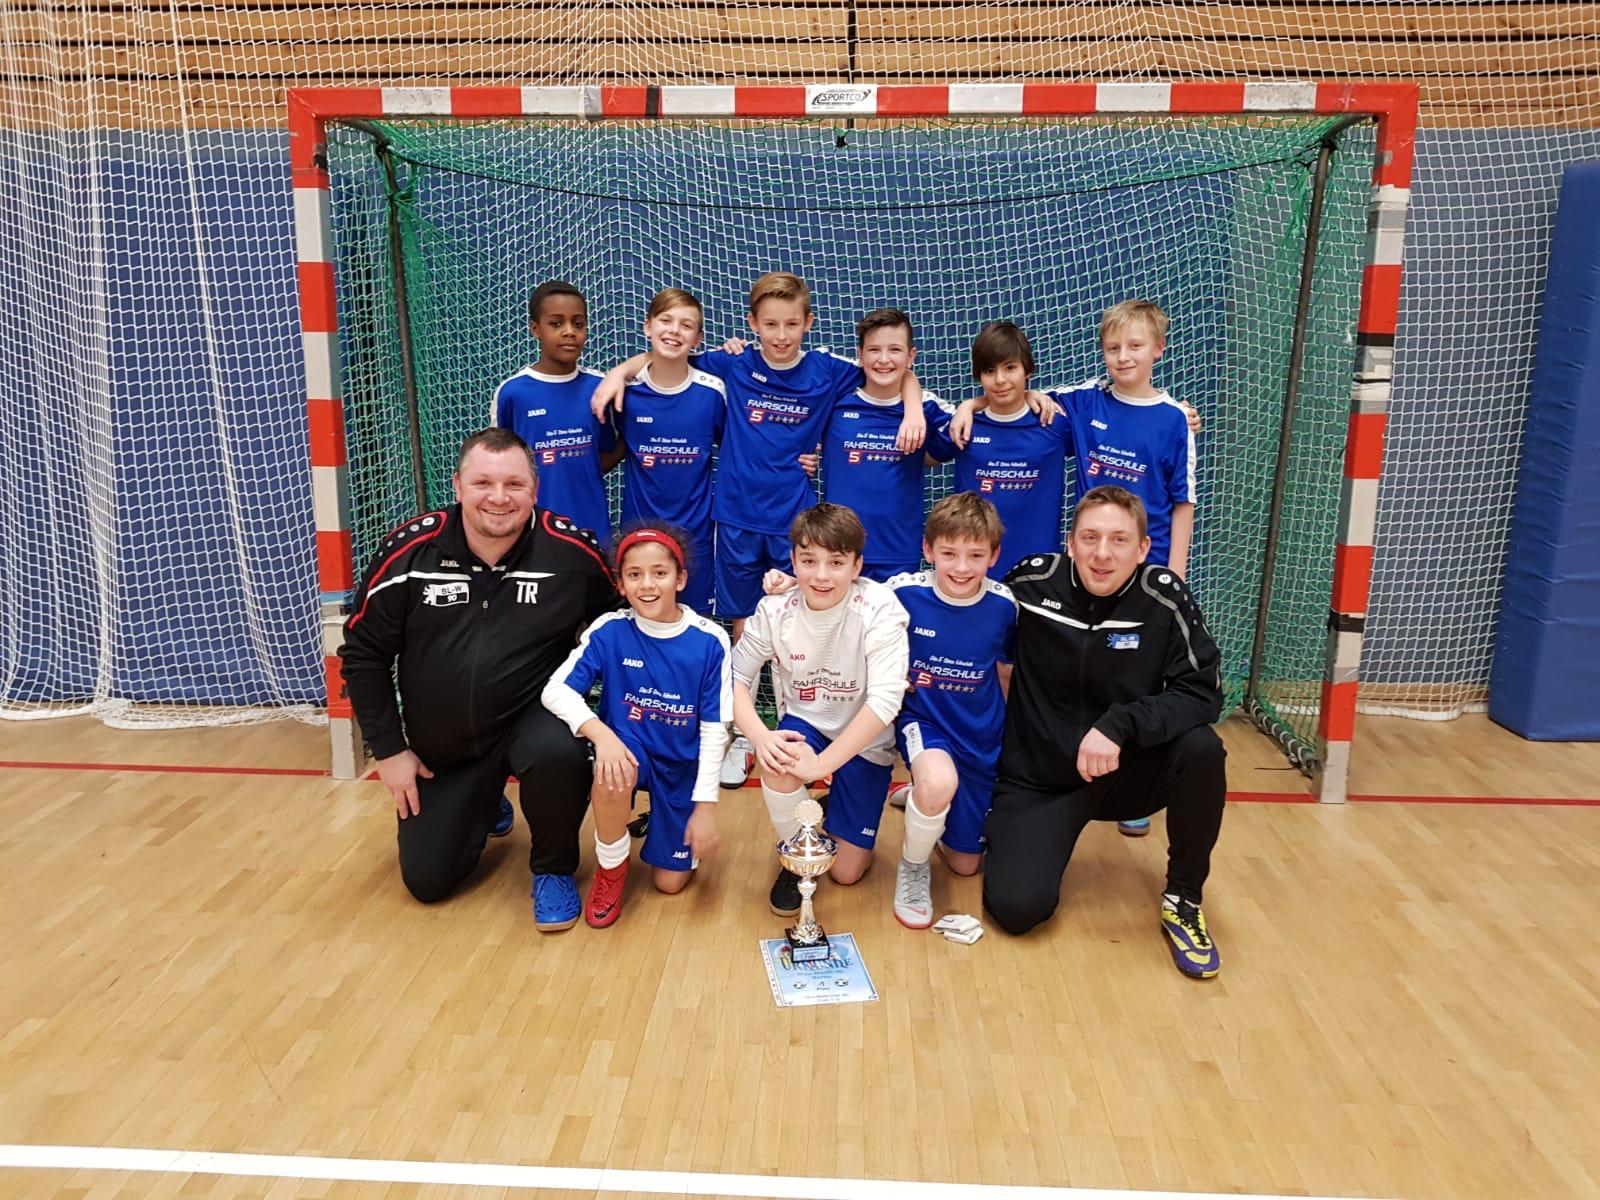 U12 gewinnt U13 Turnier beim Nordberliner SC!